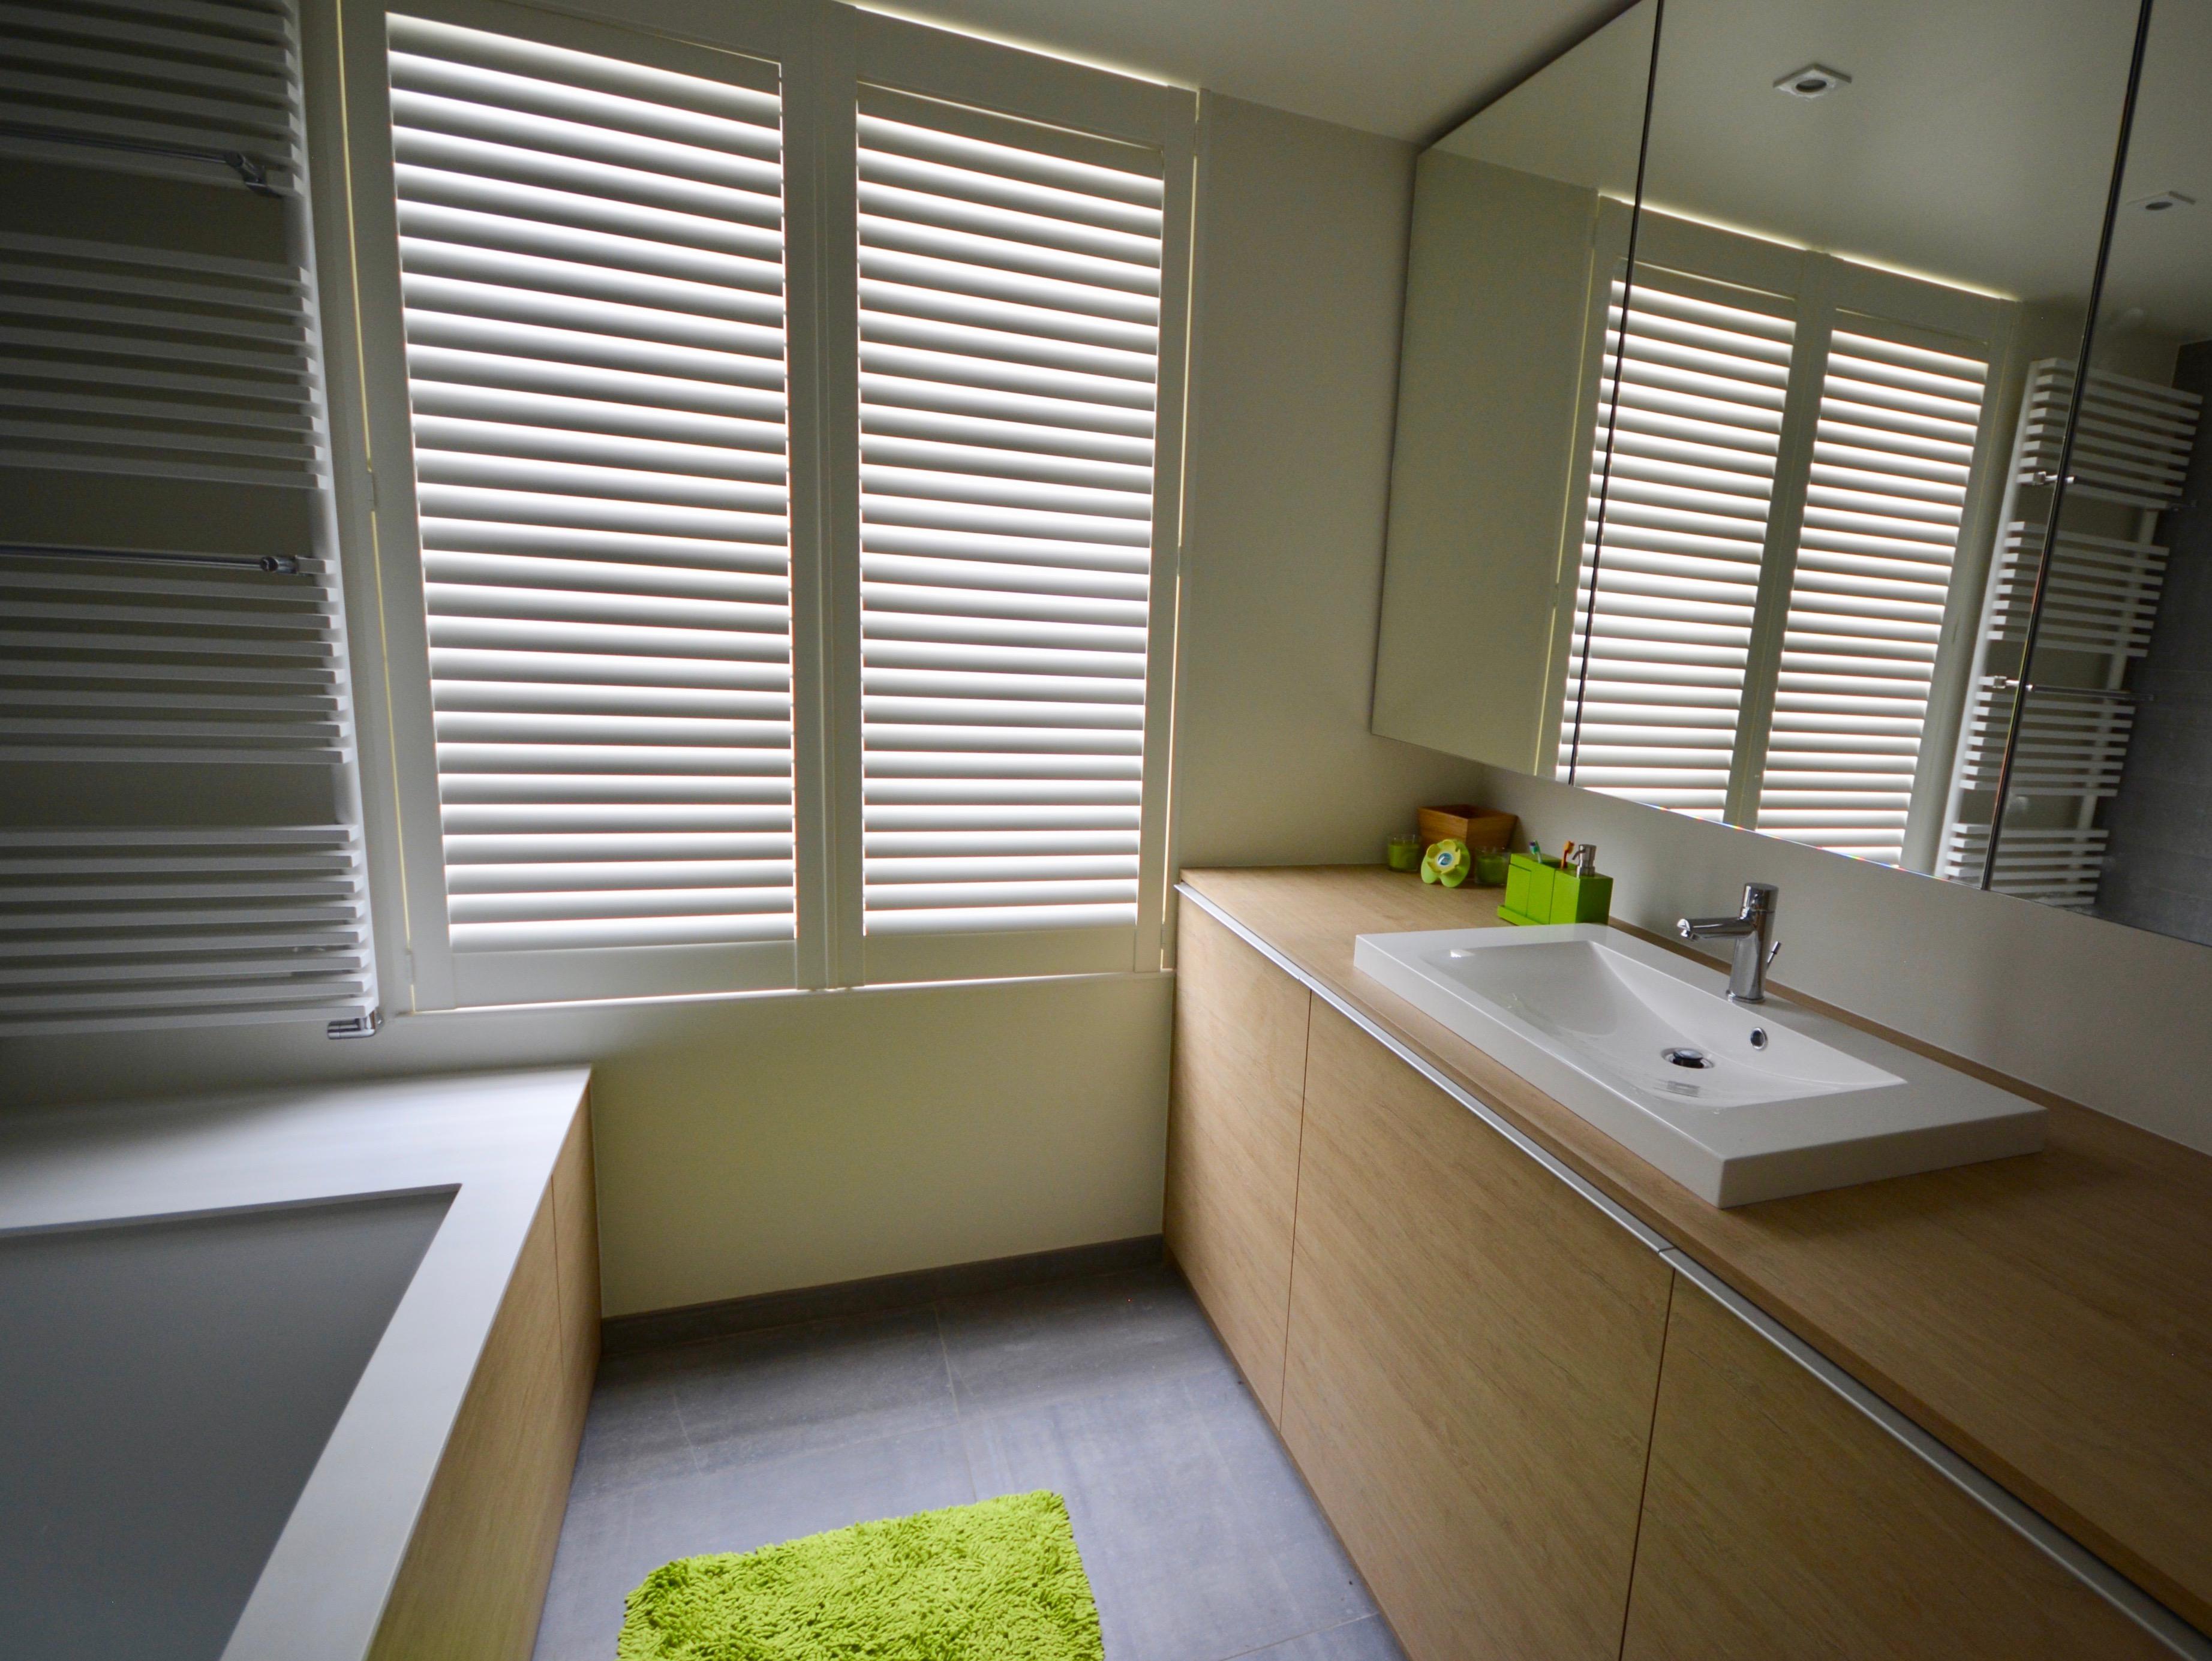 Badkamer Met Hout : Interieur trends badkamer zelf ontwerpen design en badkamer